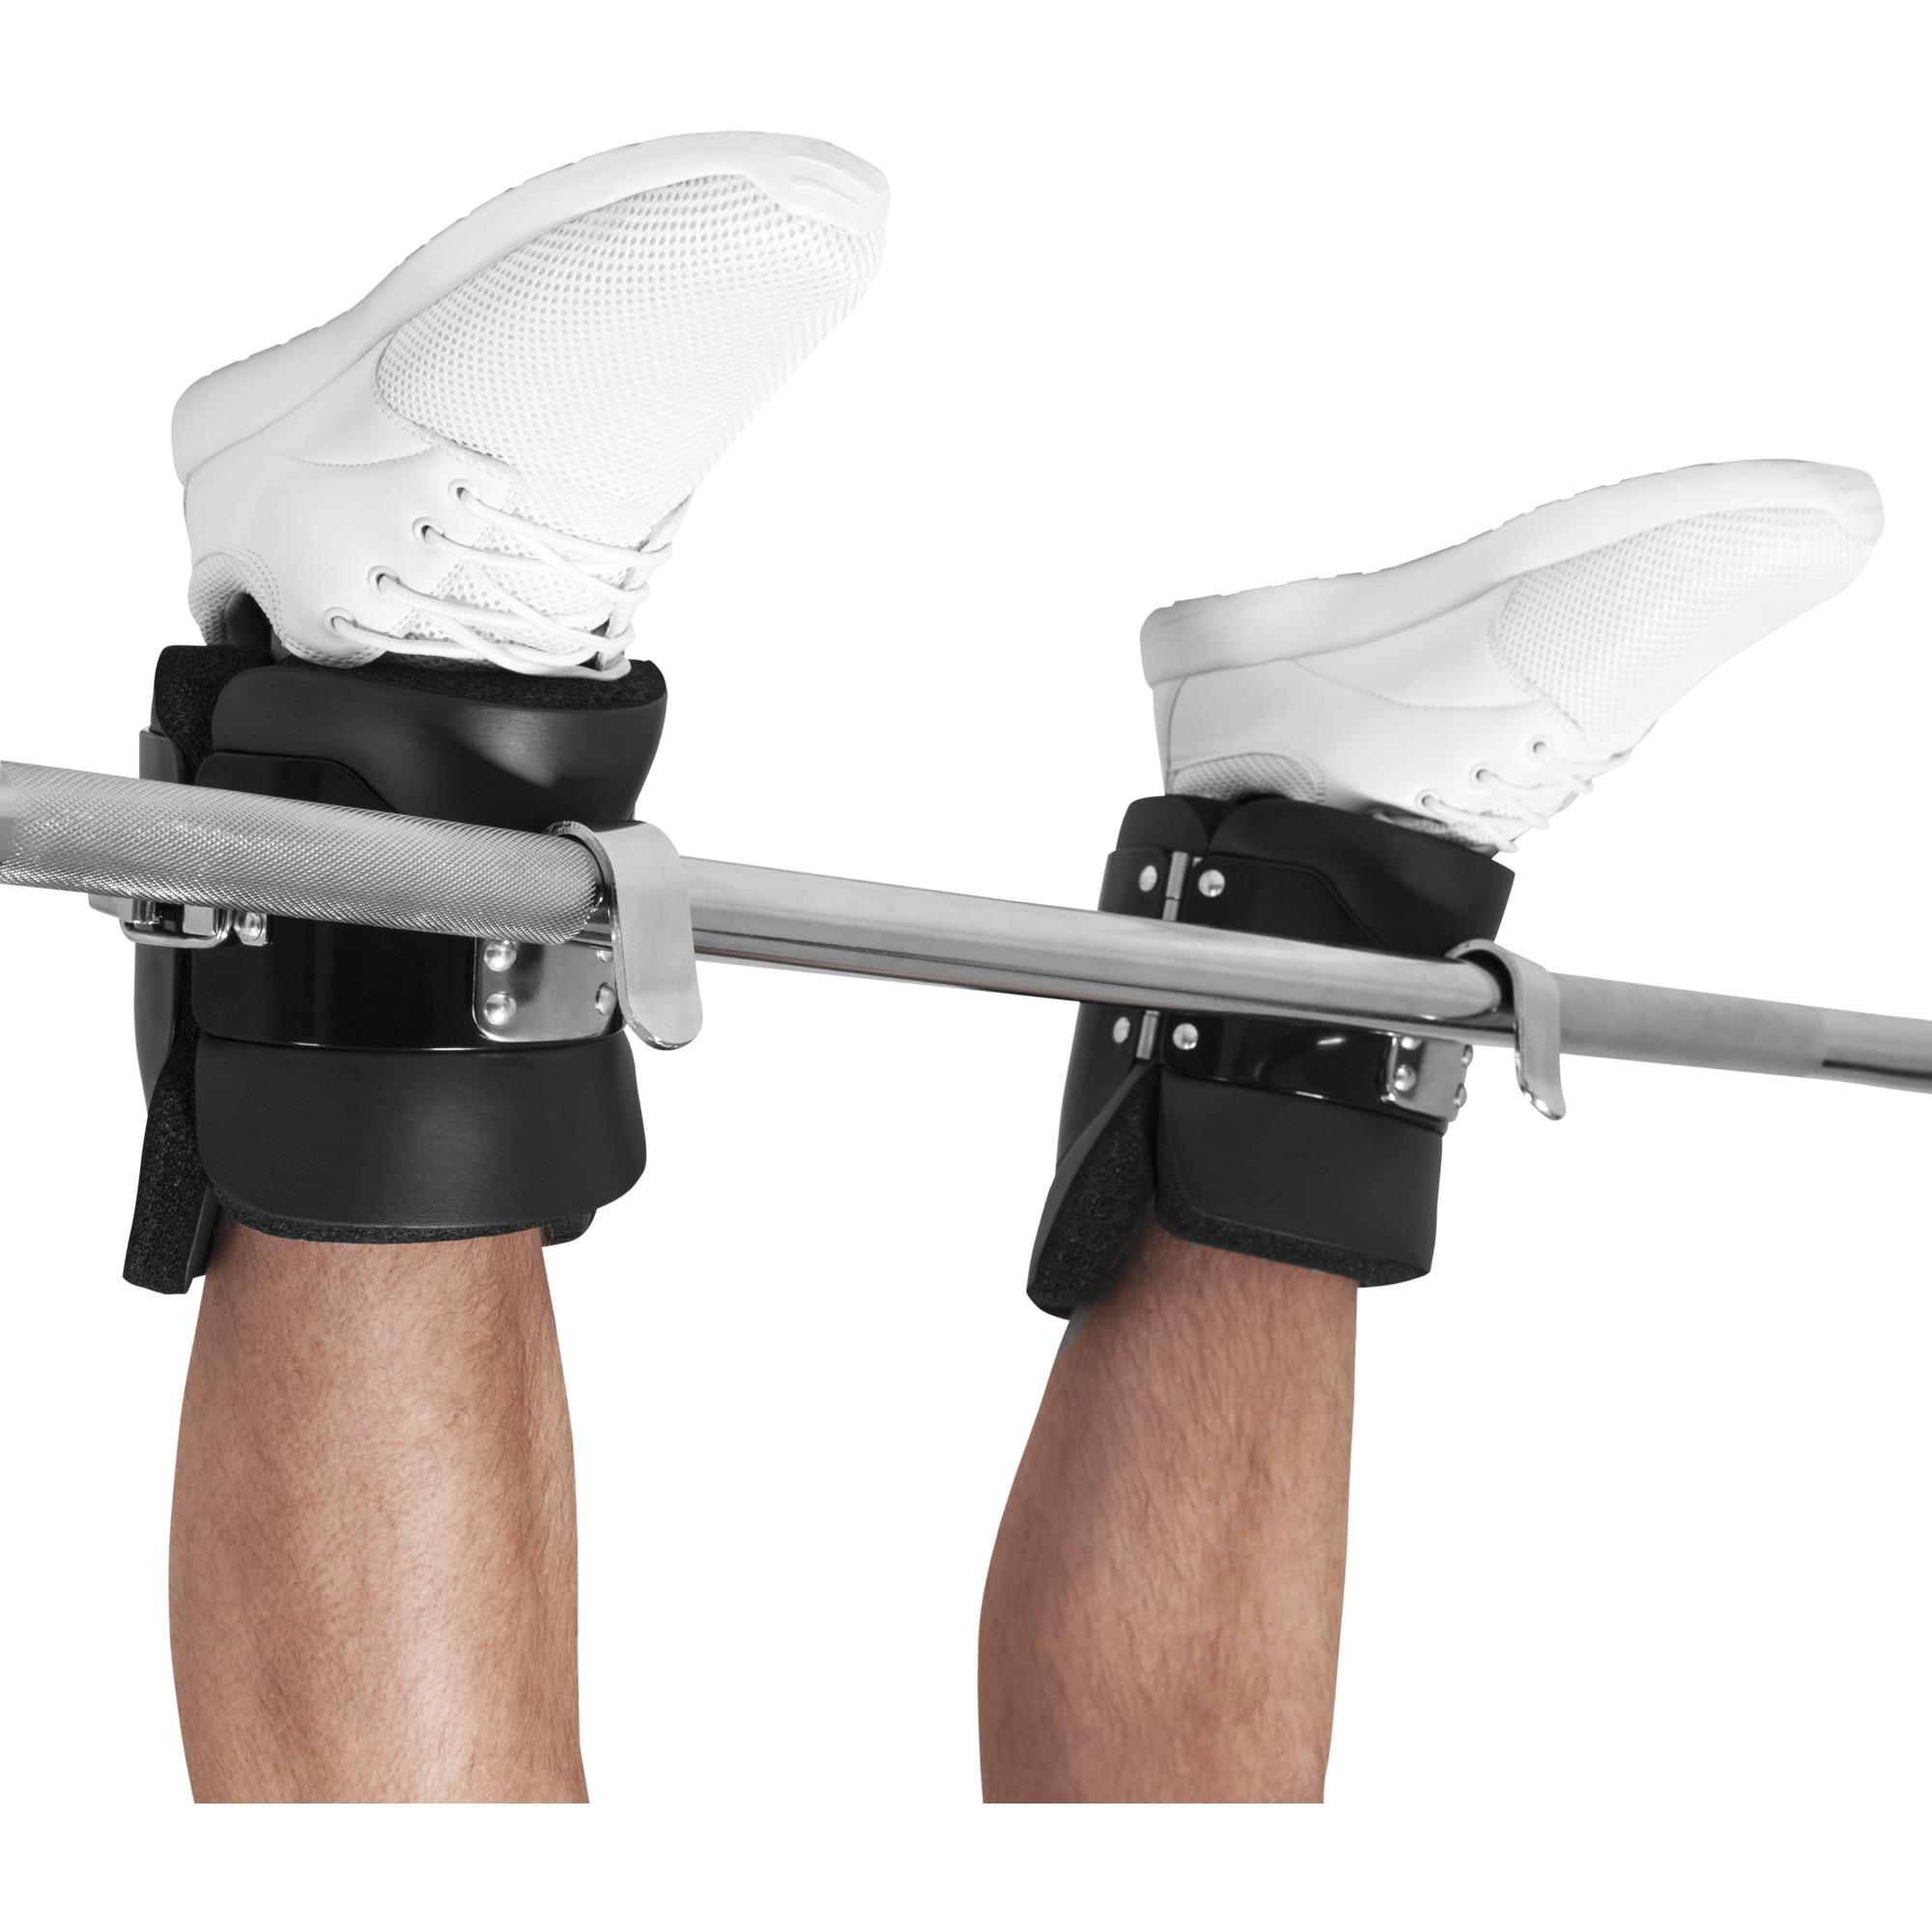 vente de bottes d inversion vente gravity boots entrainement abdominaux. Black Bedroom Furniture Sets. Home Design Ideas